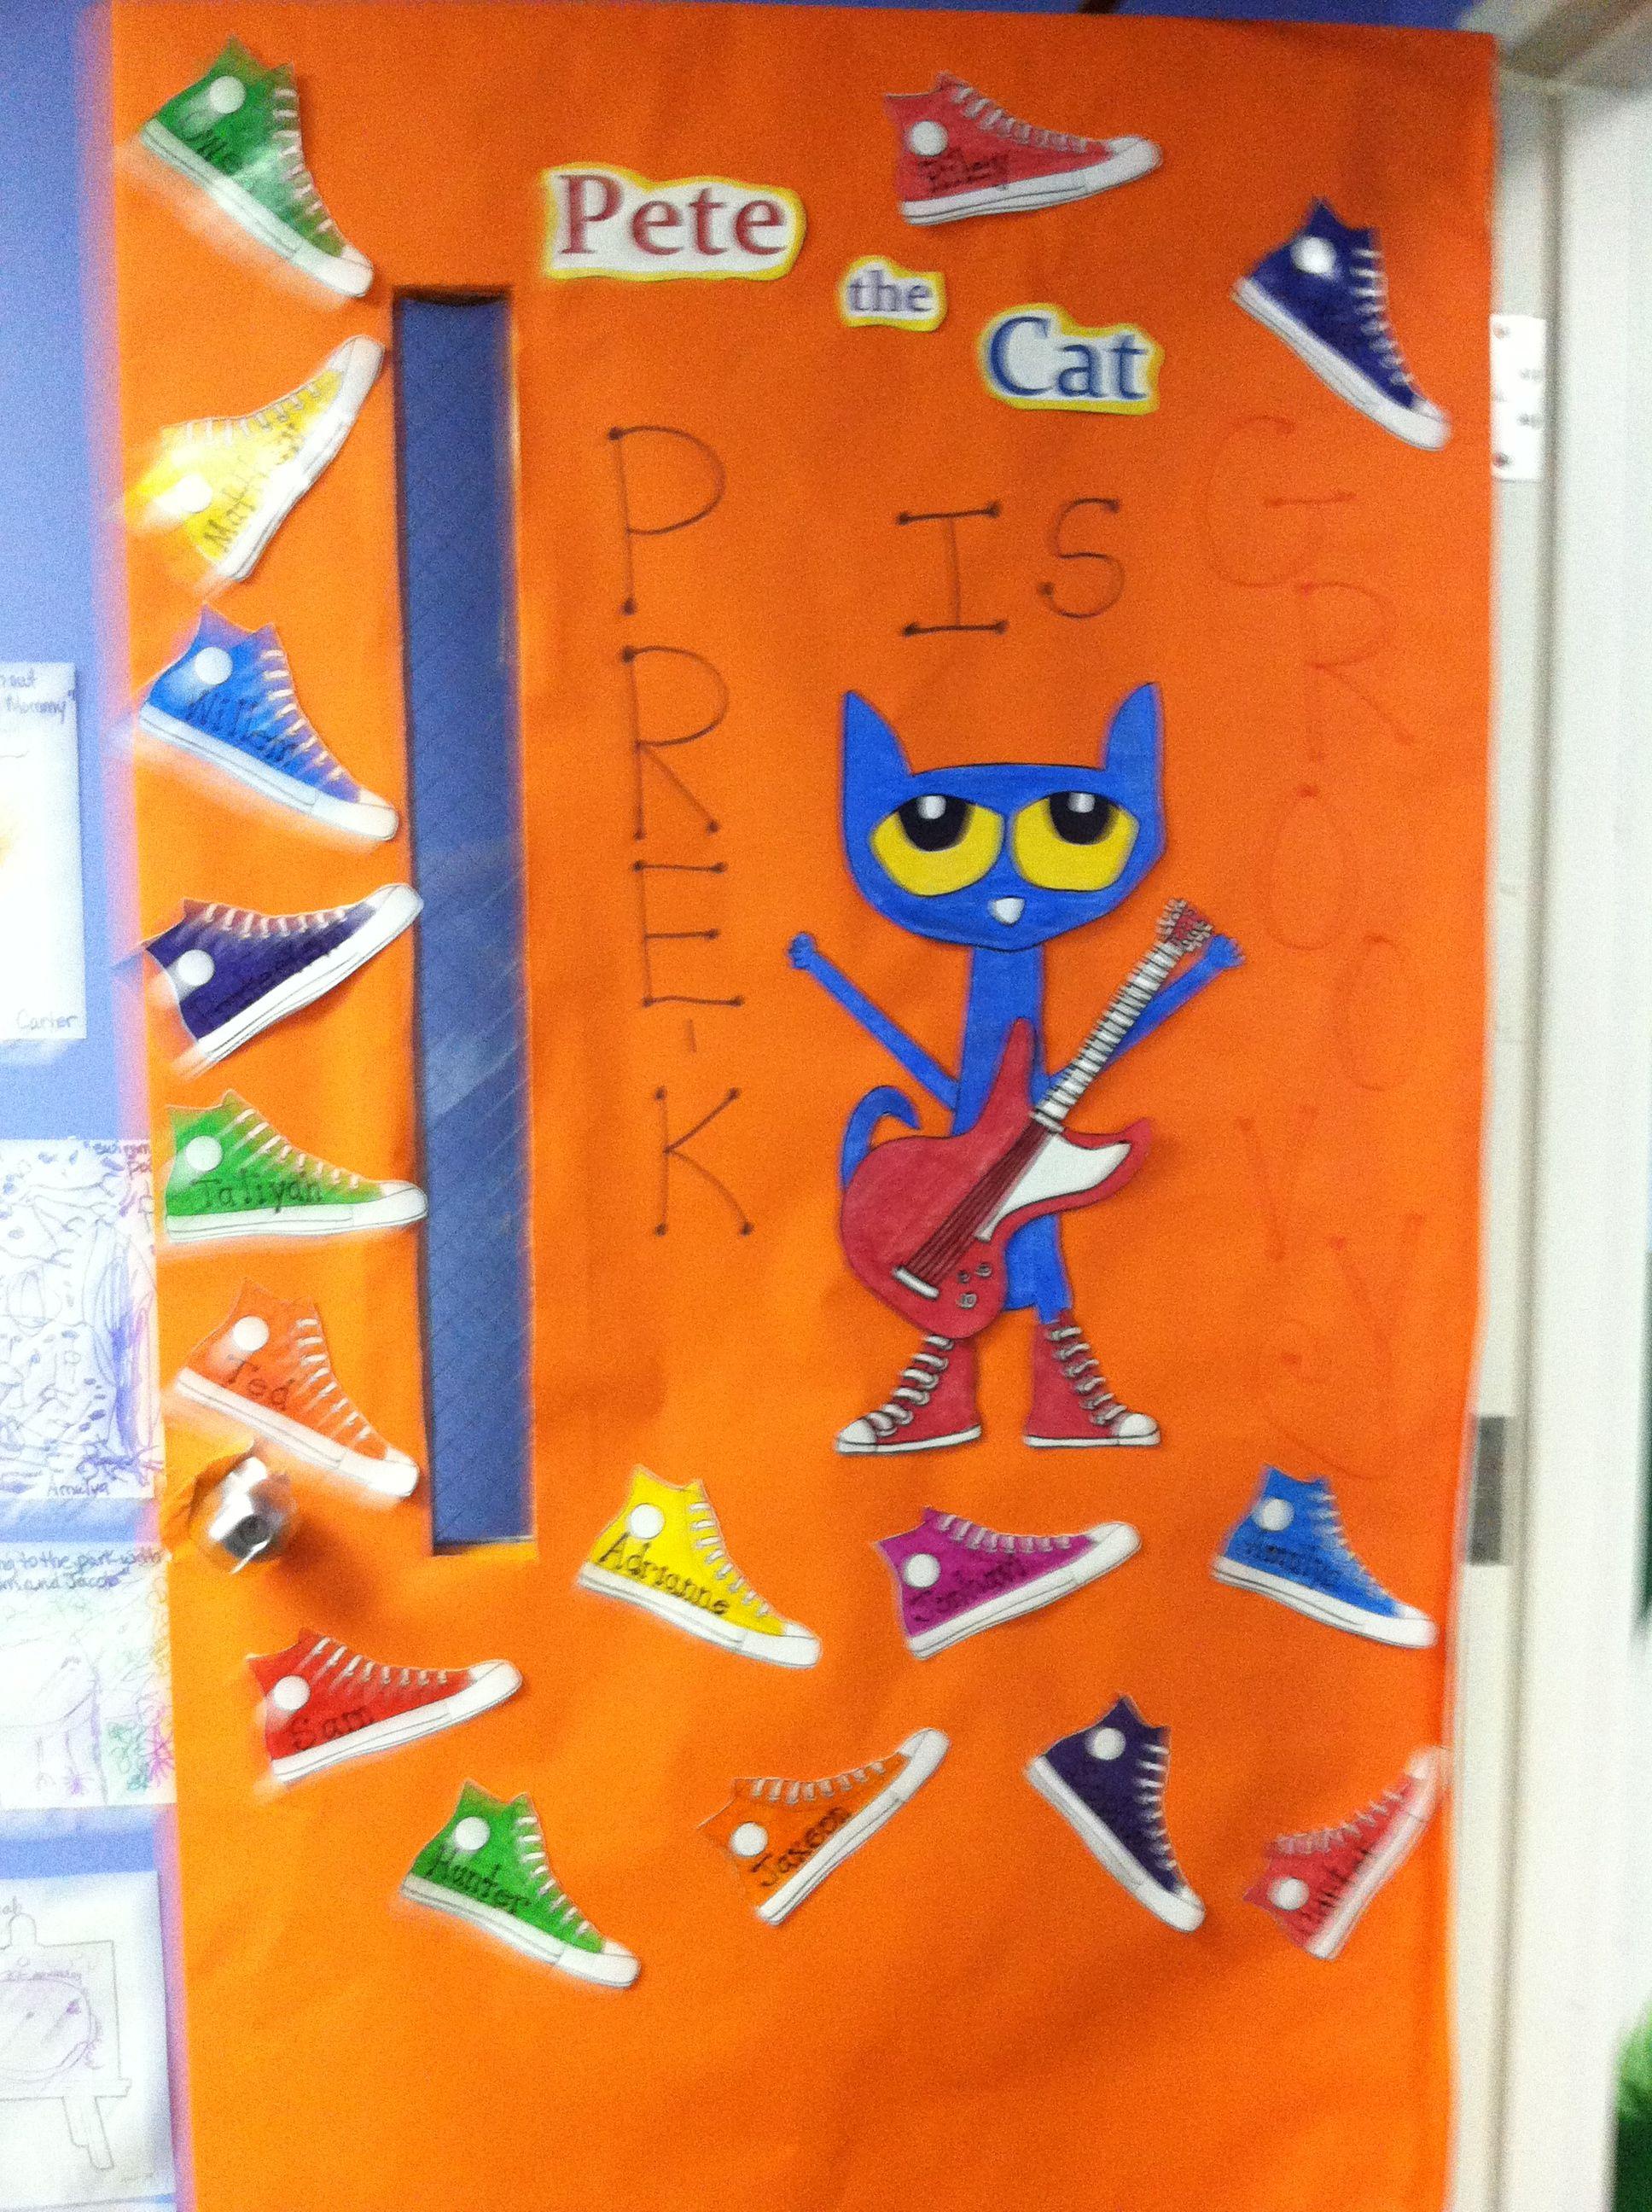 Pete The Cat It S All Good In Preschool Place On Door